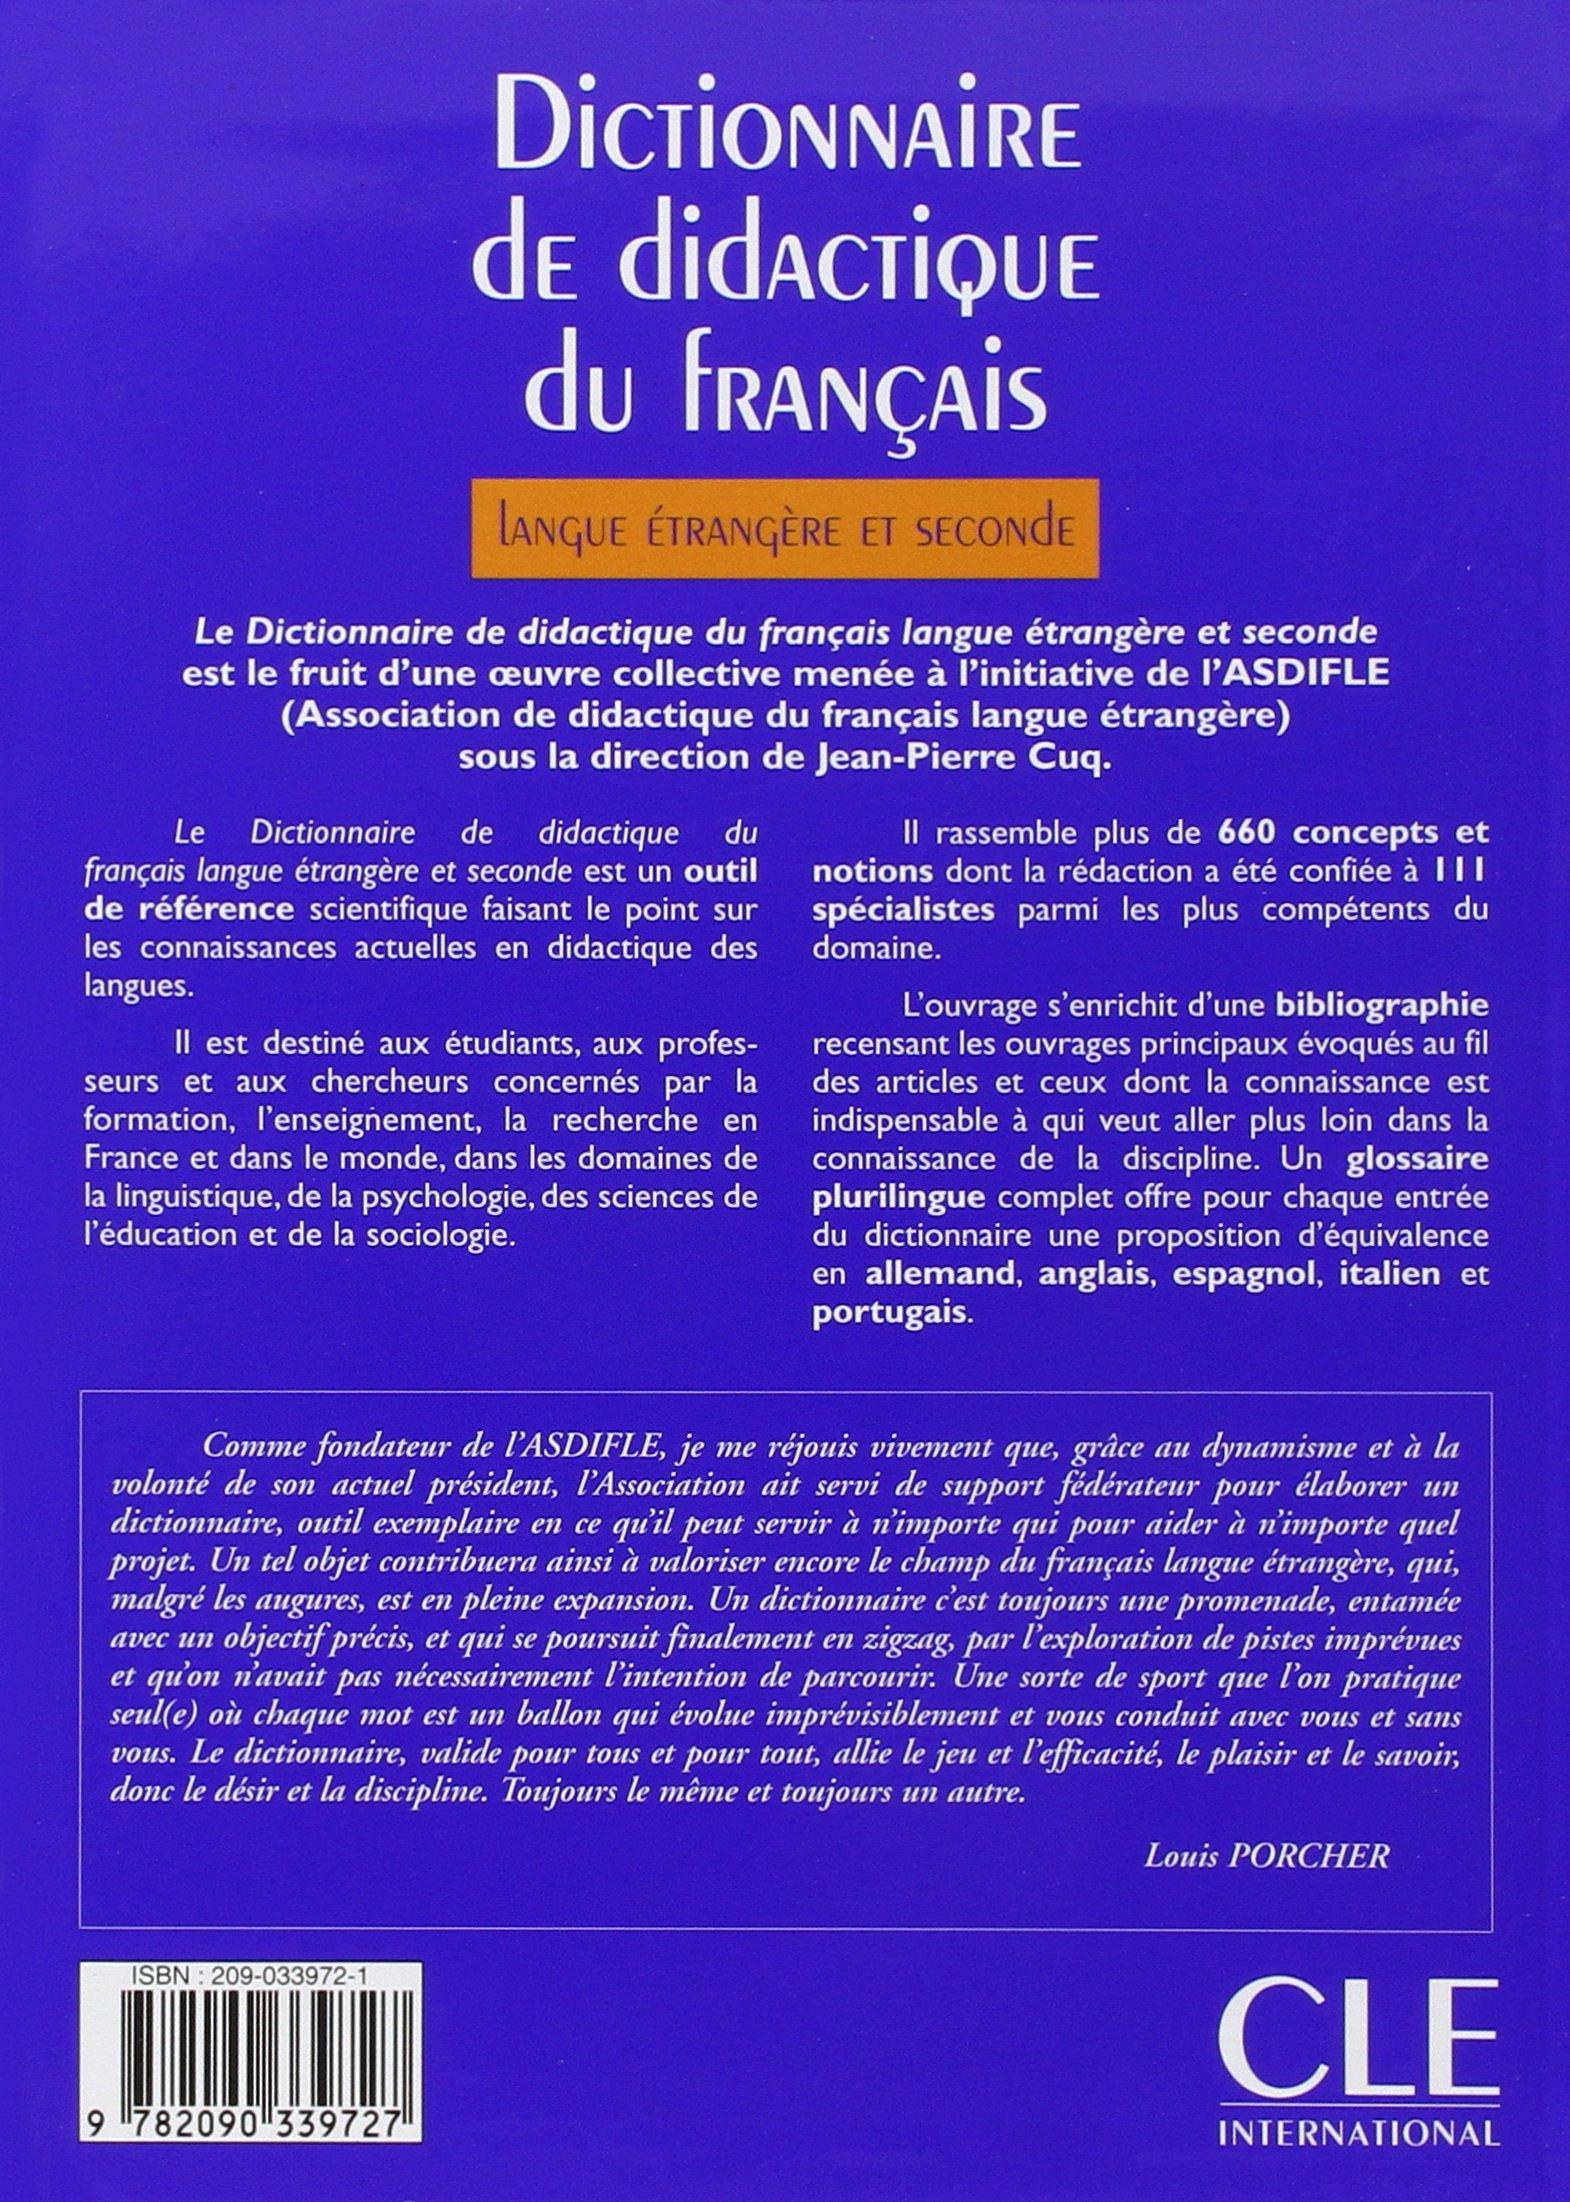 Asdifle Dictionnaire De Didactique Du Français Langue étrangère Et